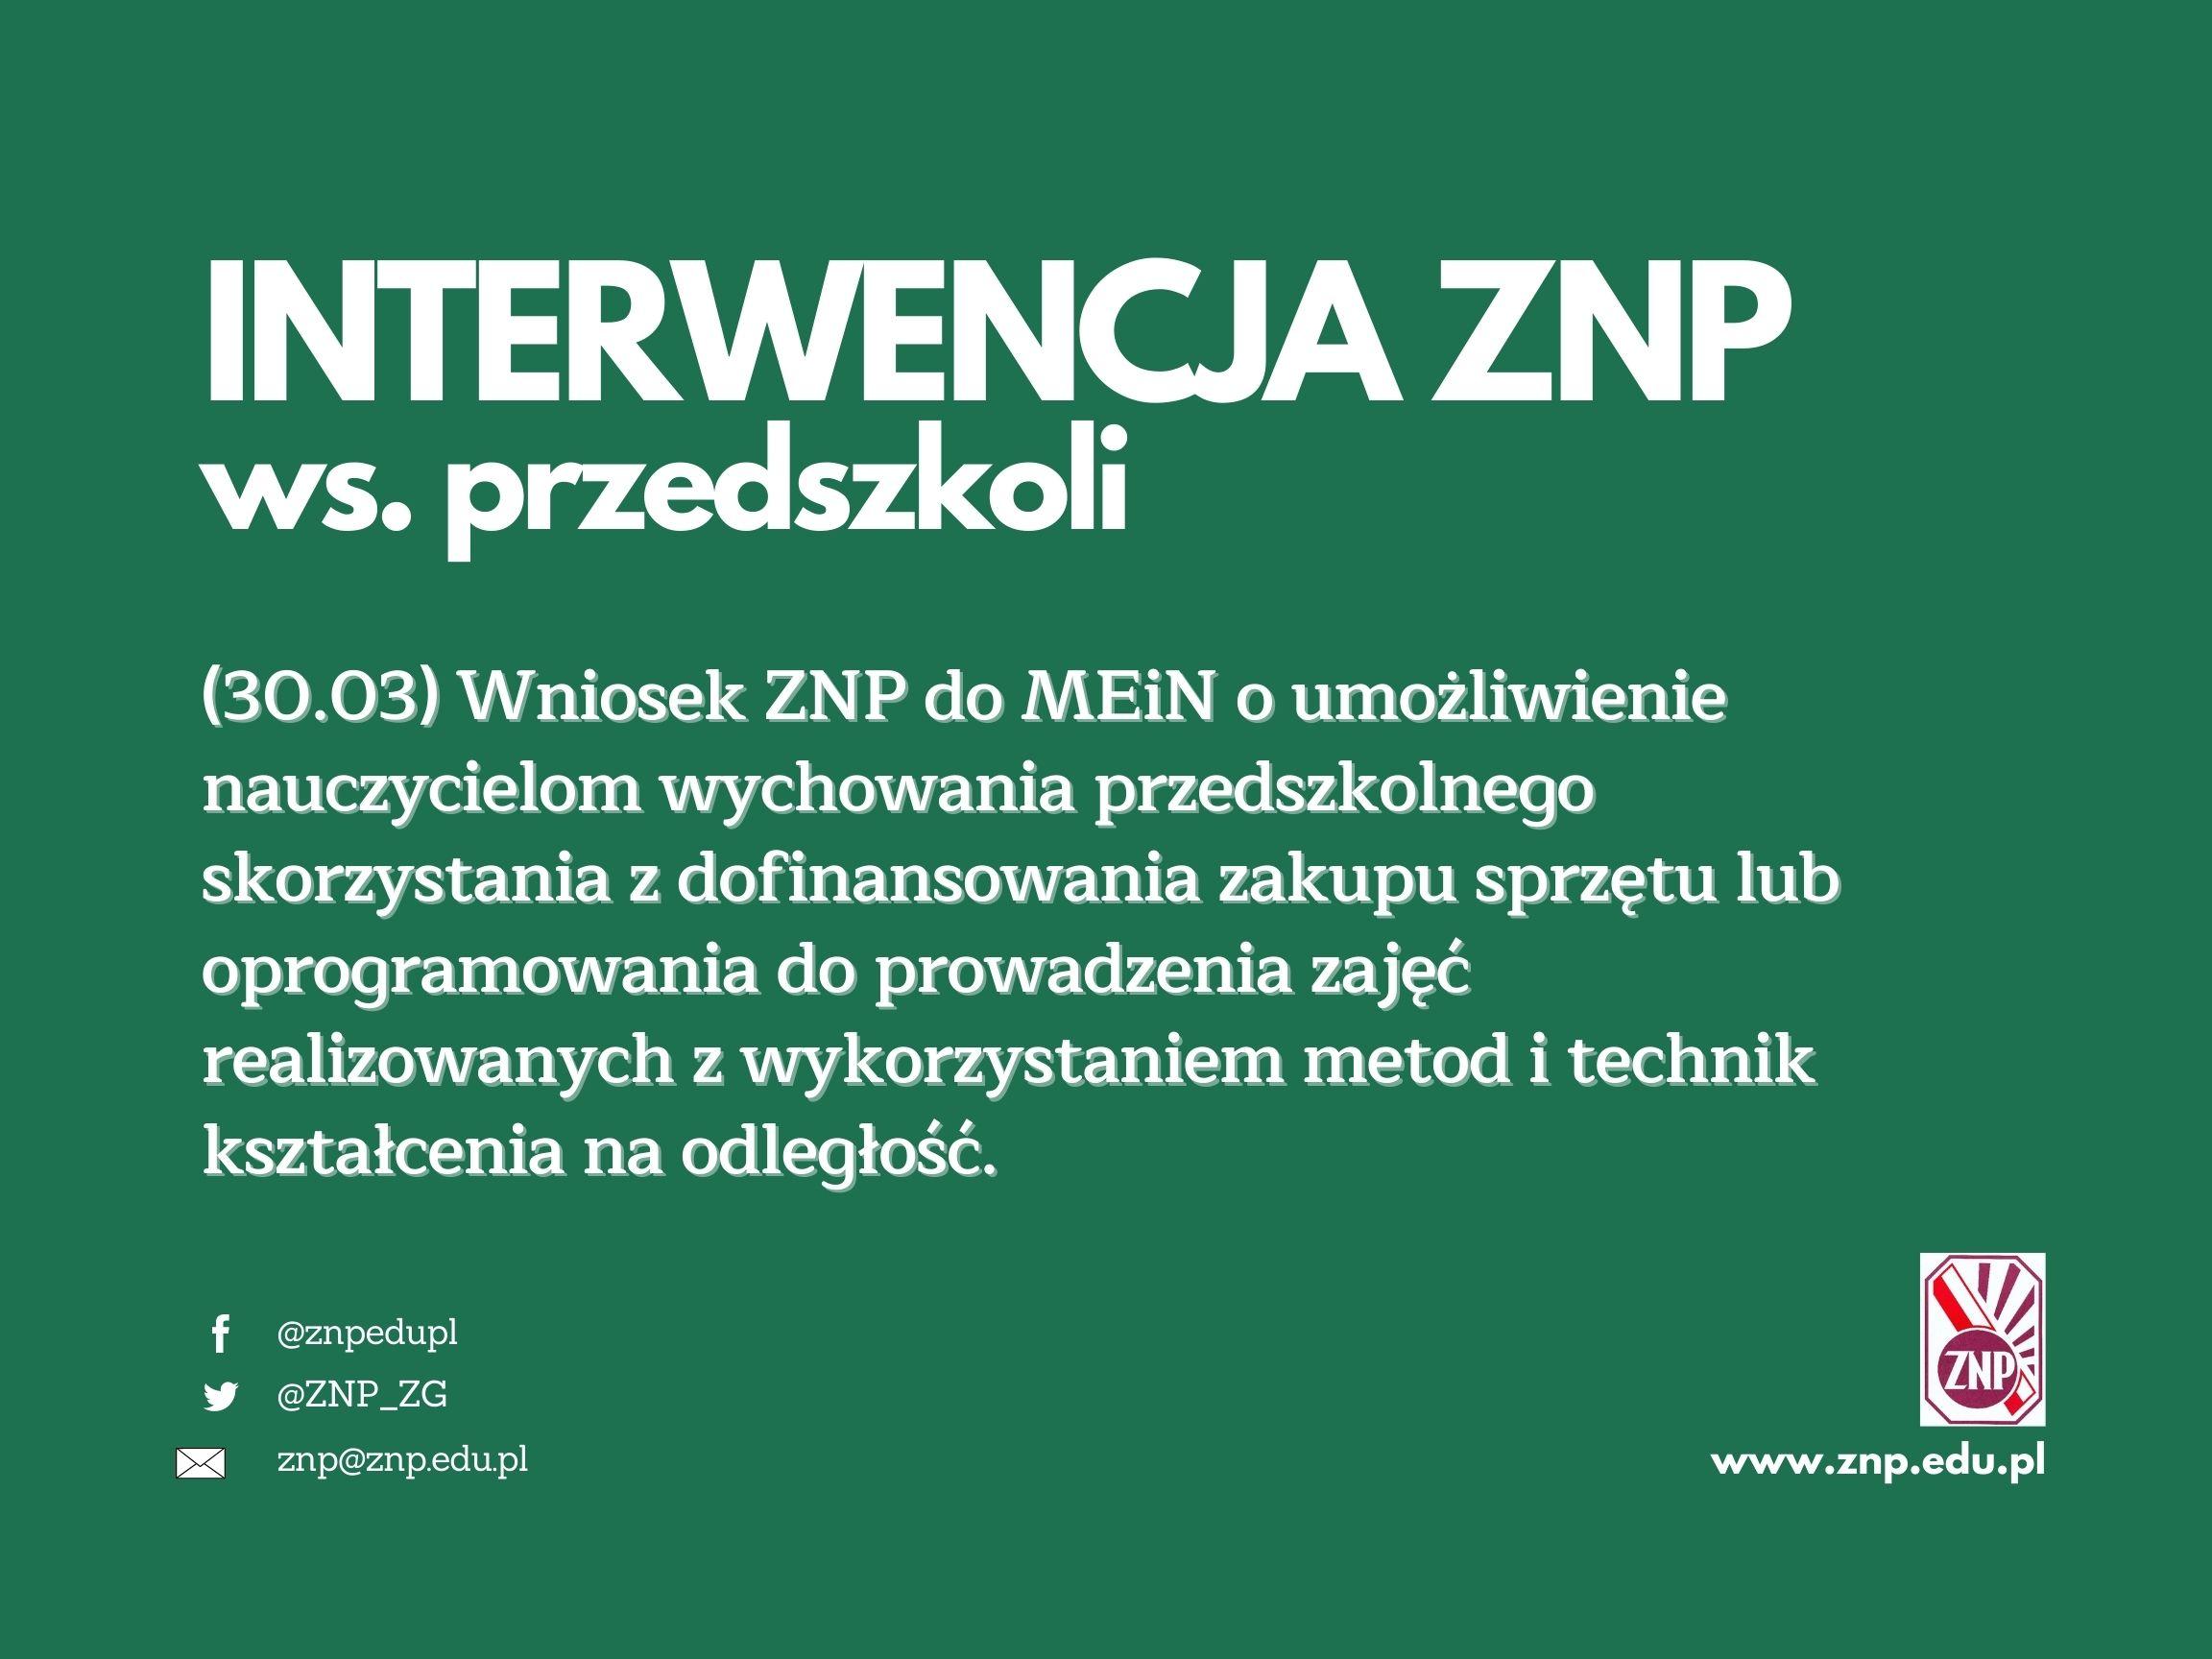 Wniosek ZNP do MEiN ws. dofinansowania zakupu sprzętu lub oprogramowania do prowadzenia zajęć na odległość w przedszkolach